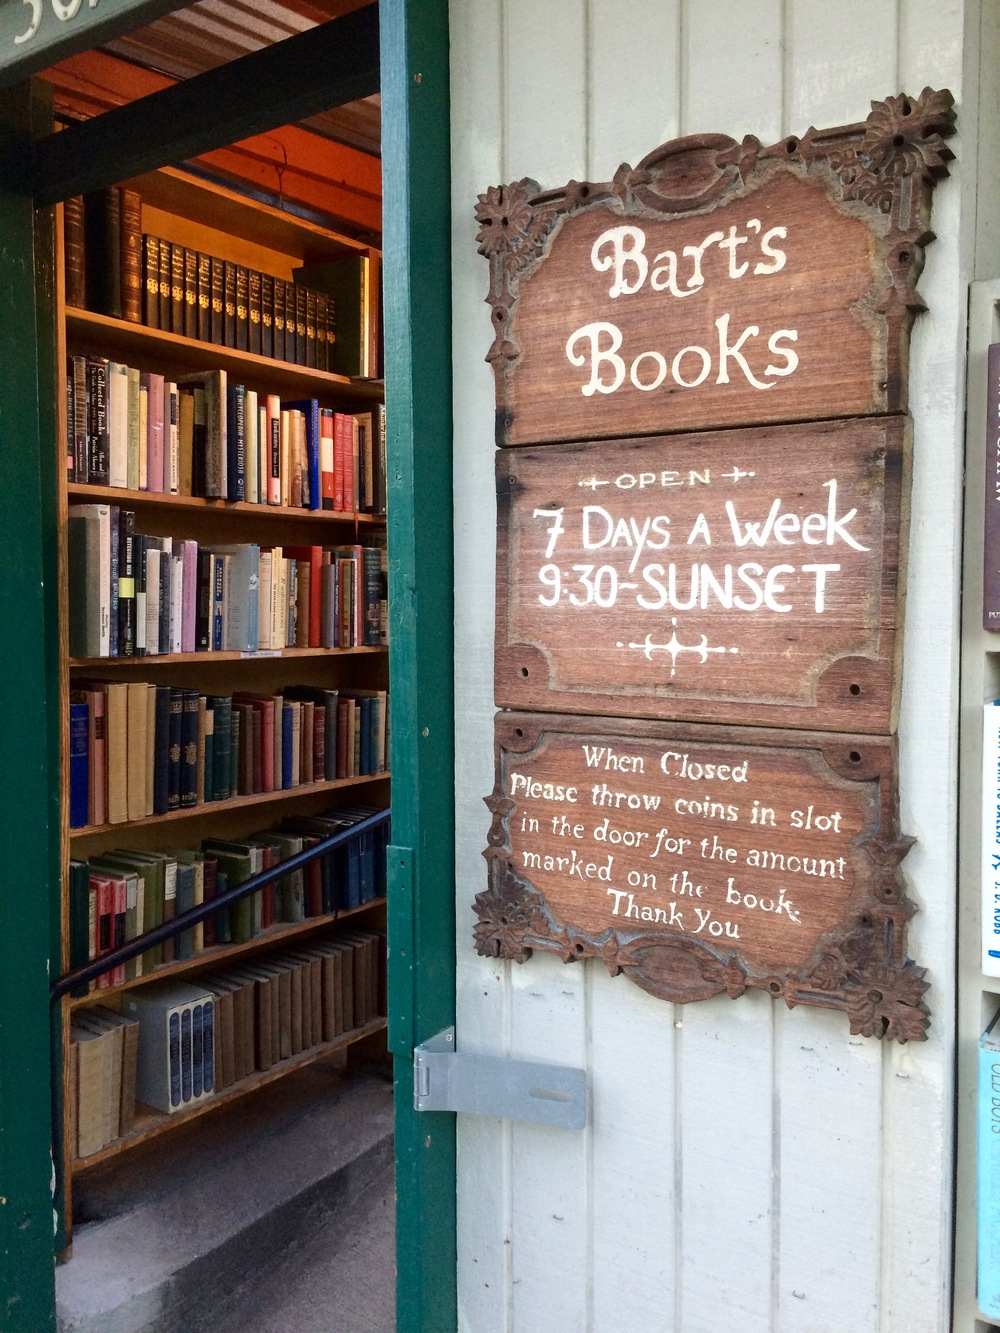 Bart's Book Store, Ojai California - 3 Days*